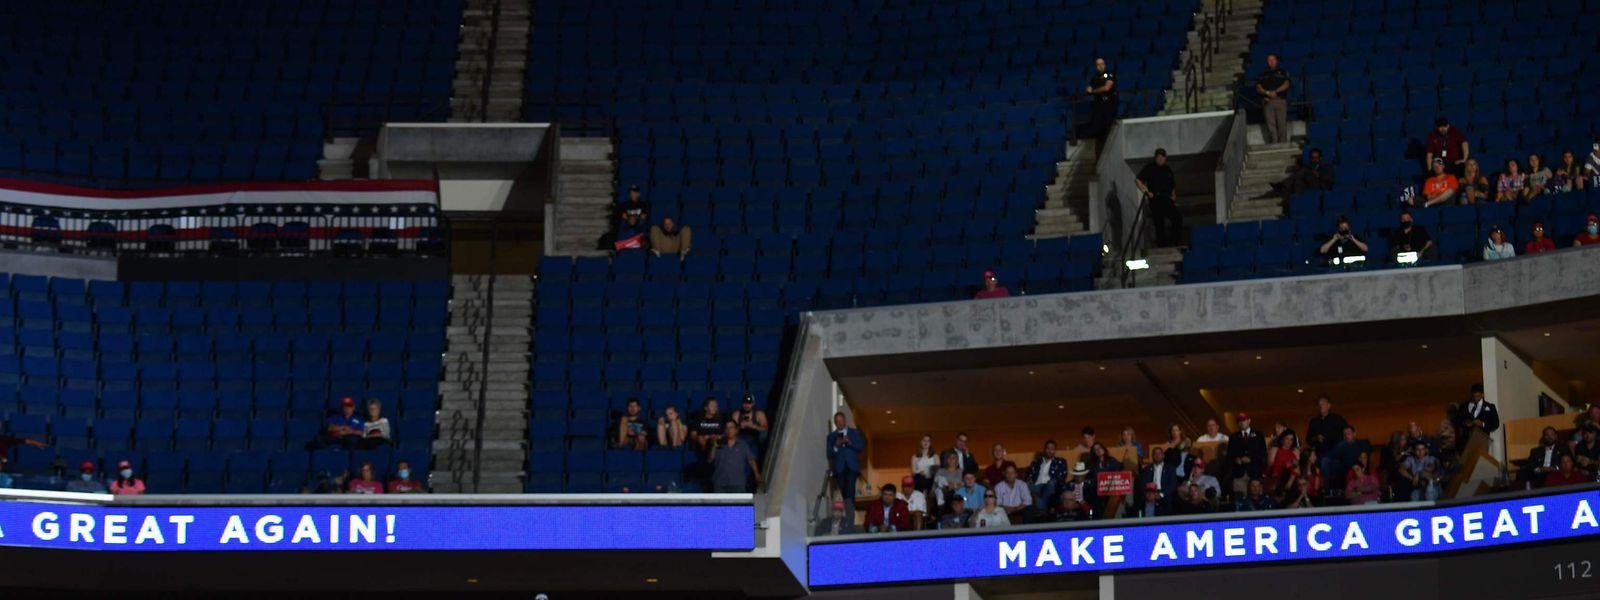 Leere Plätze in der Halle zeigten, dass Trumps Anhängerschaft schrumpft.